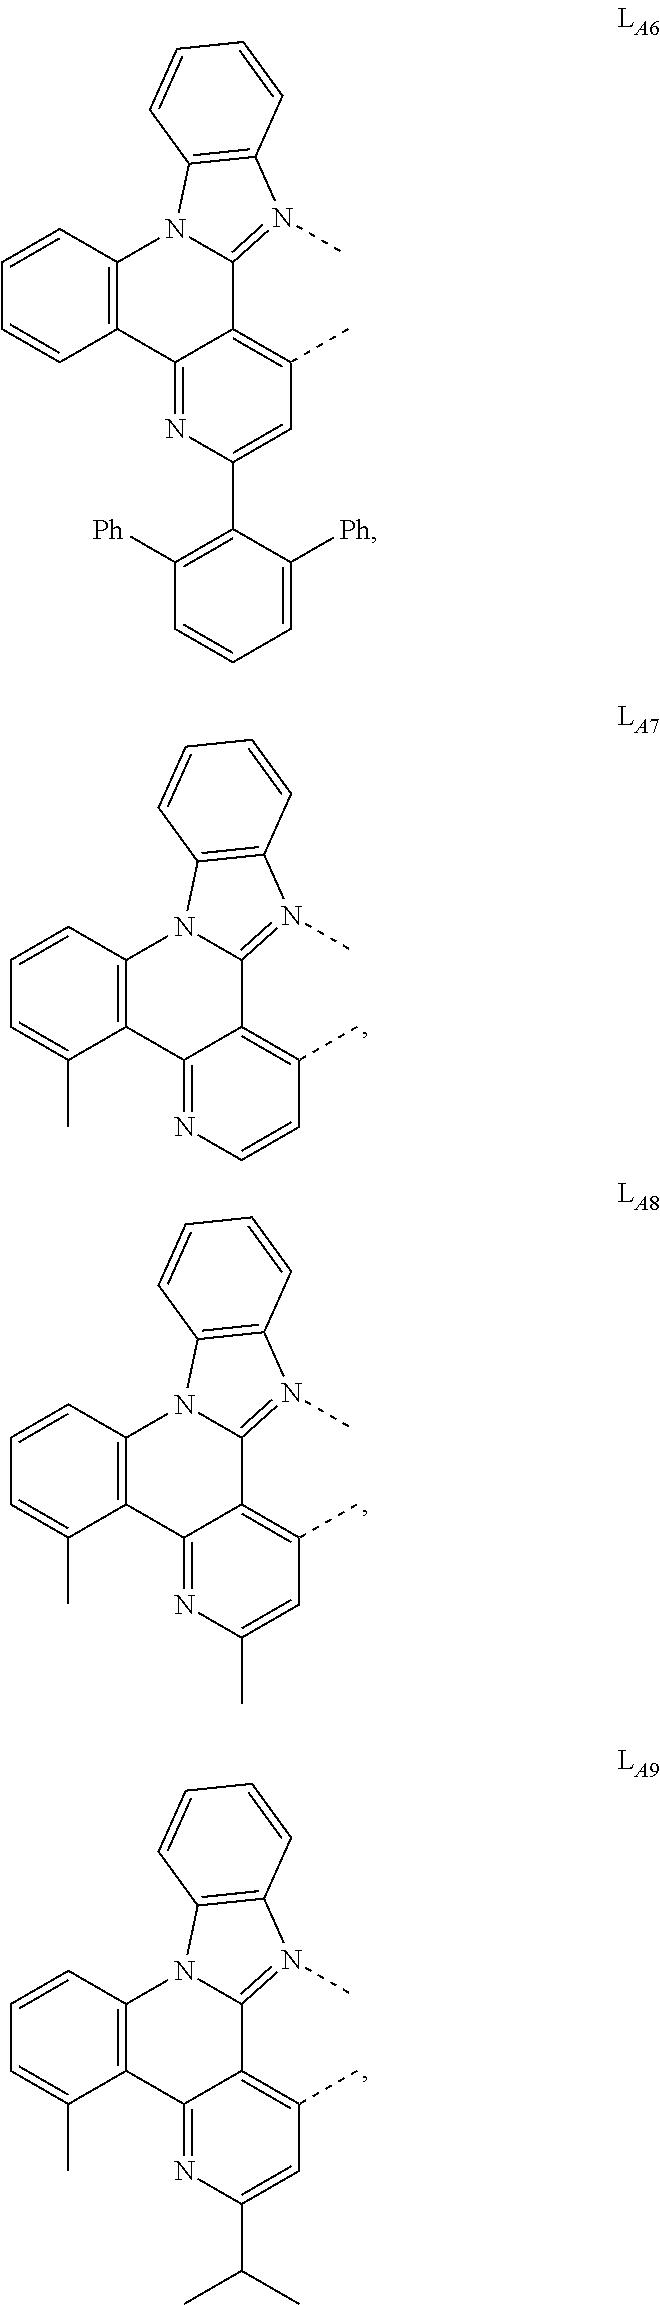 Figure US09905785-20180227-C00425